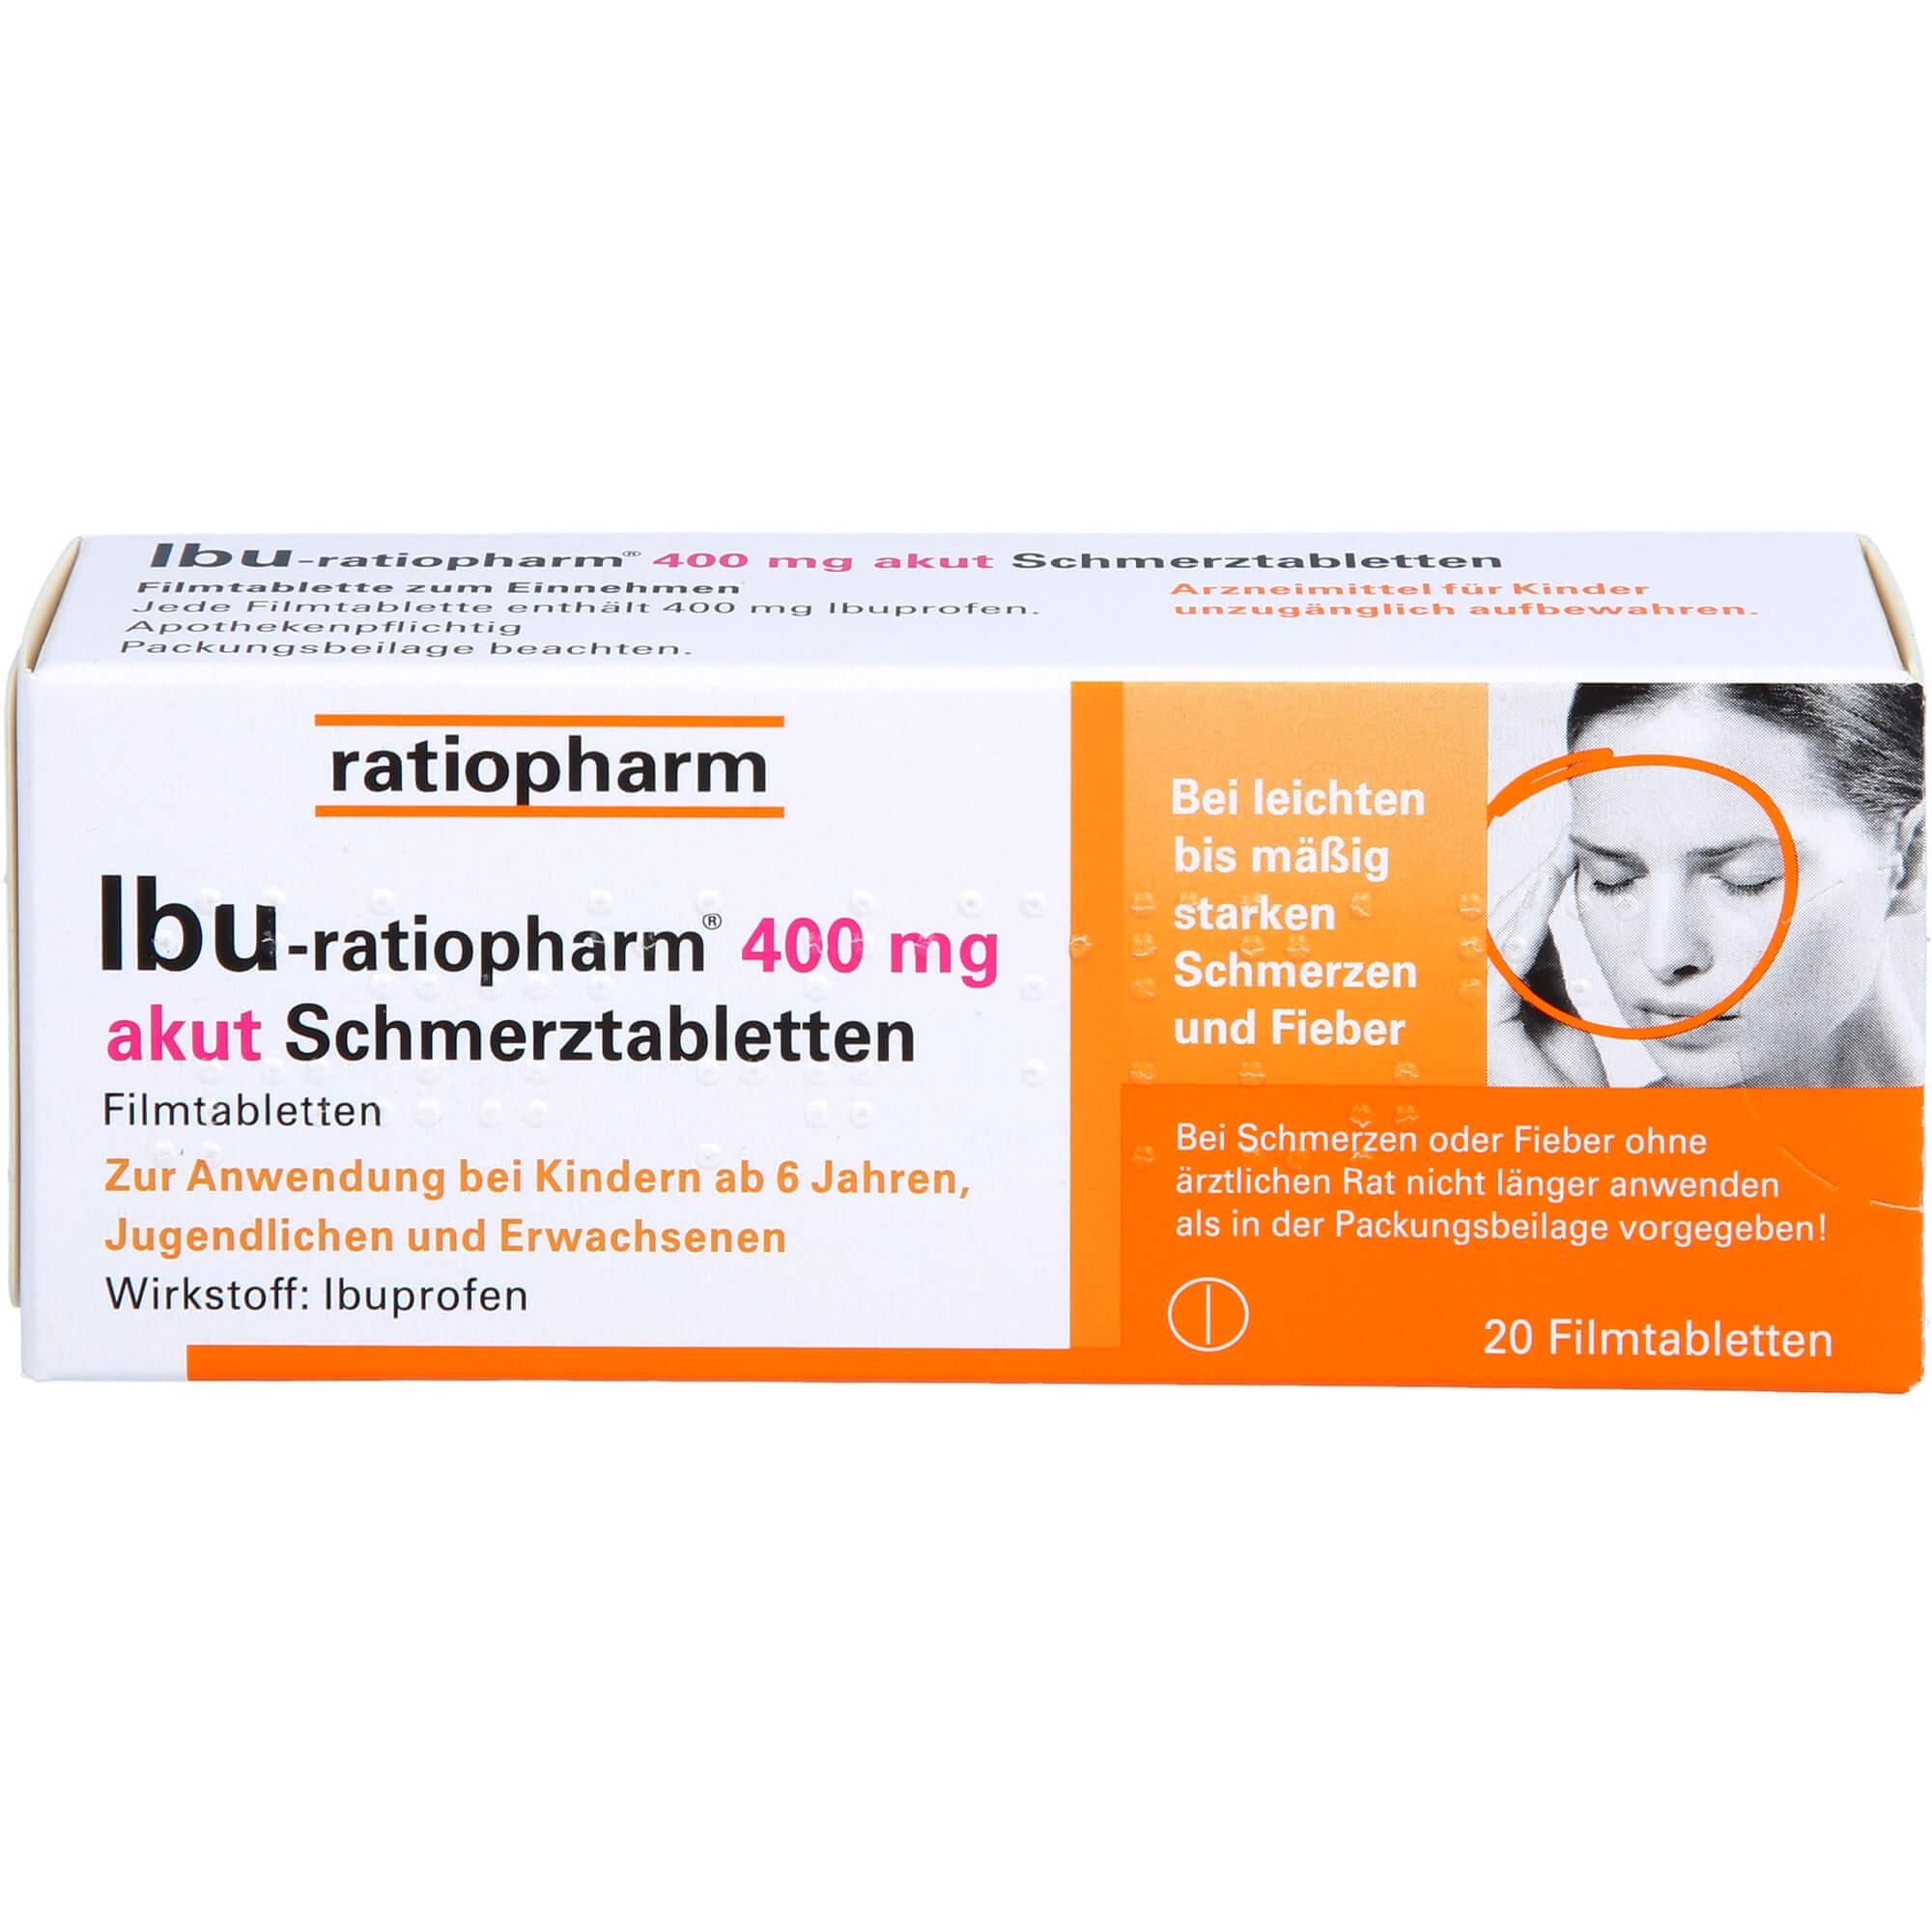 IBU-RATIOPHARM-400-mg-akut-Schmerztabletten